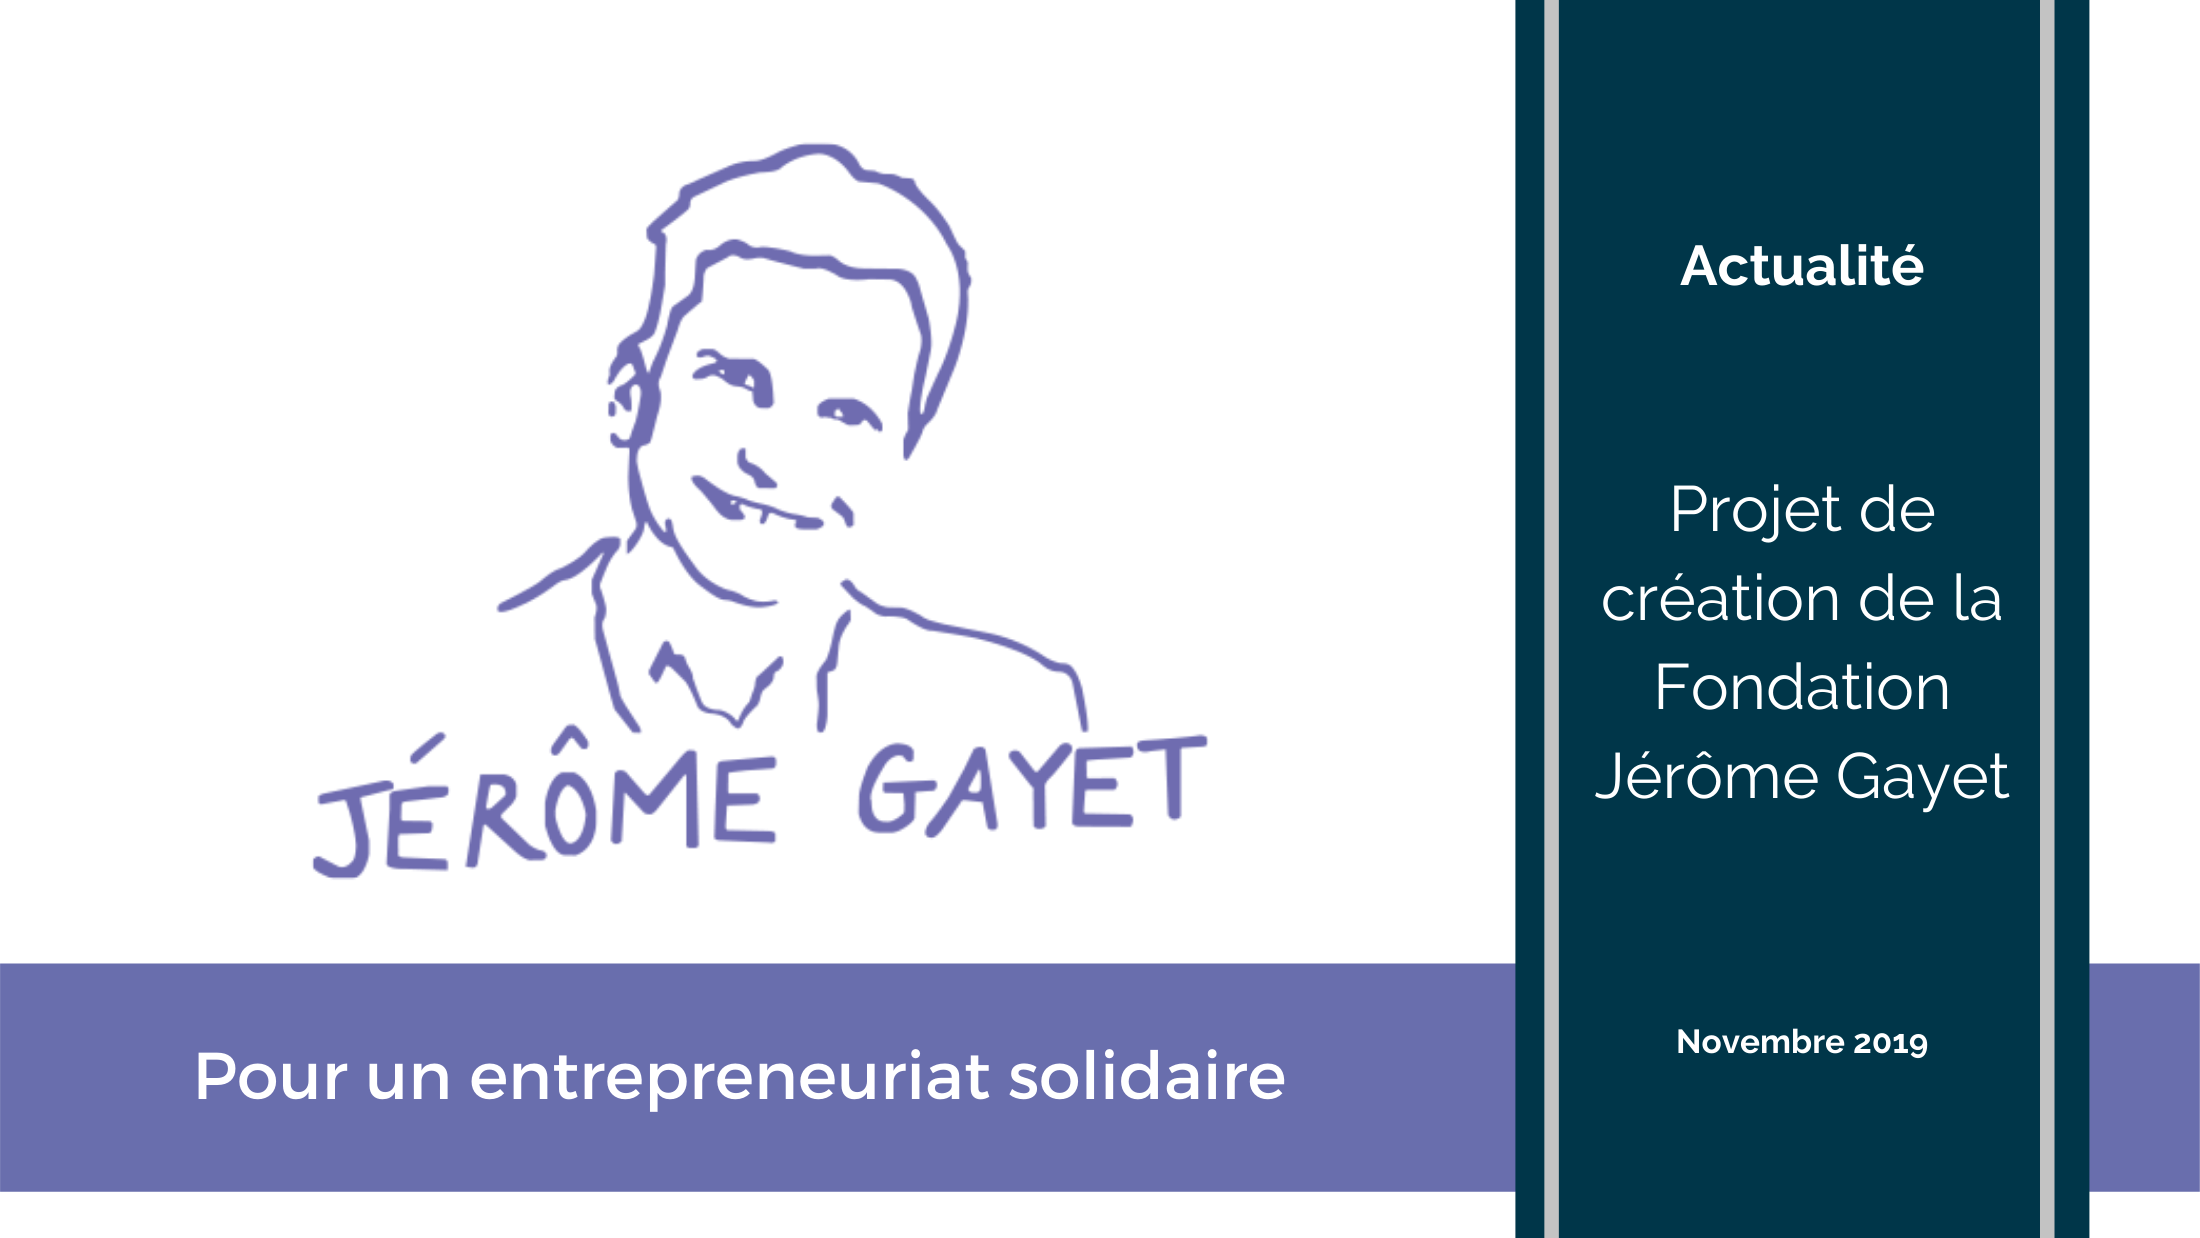 Expérience client - Lancement du projet de création de la Fondation Jérôme Gayet